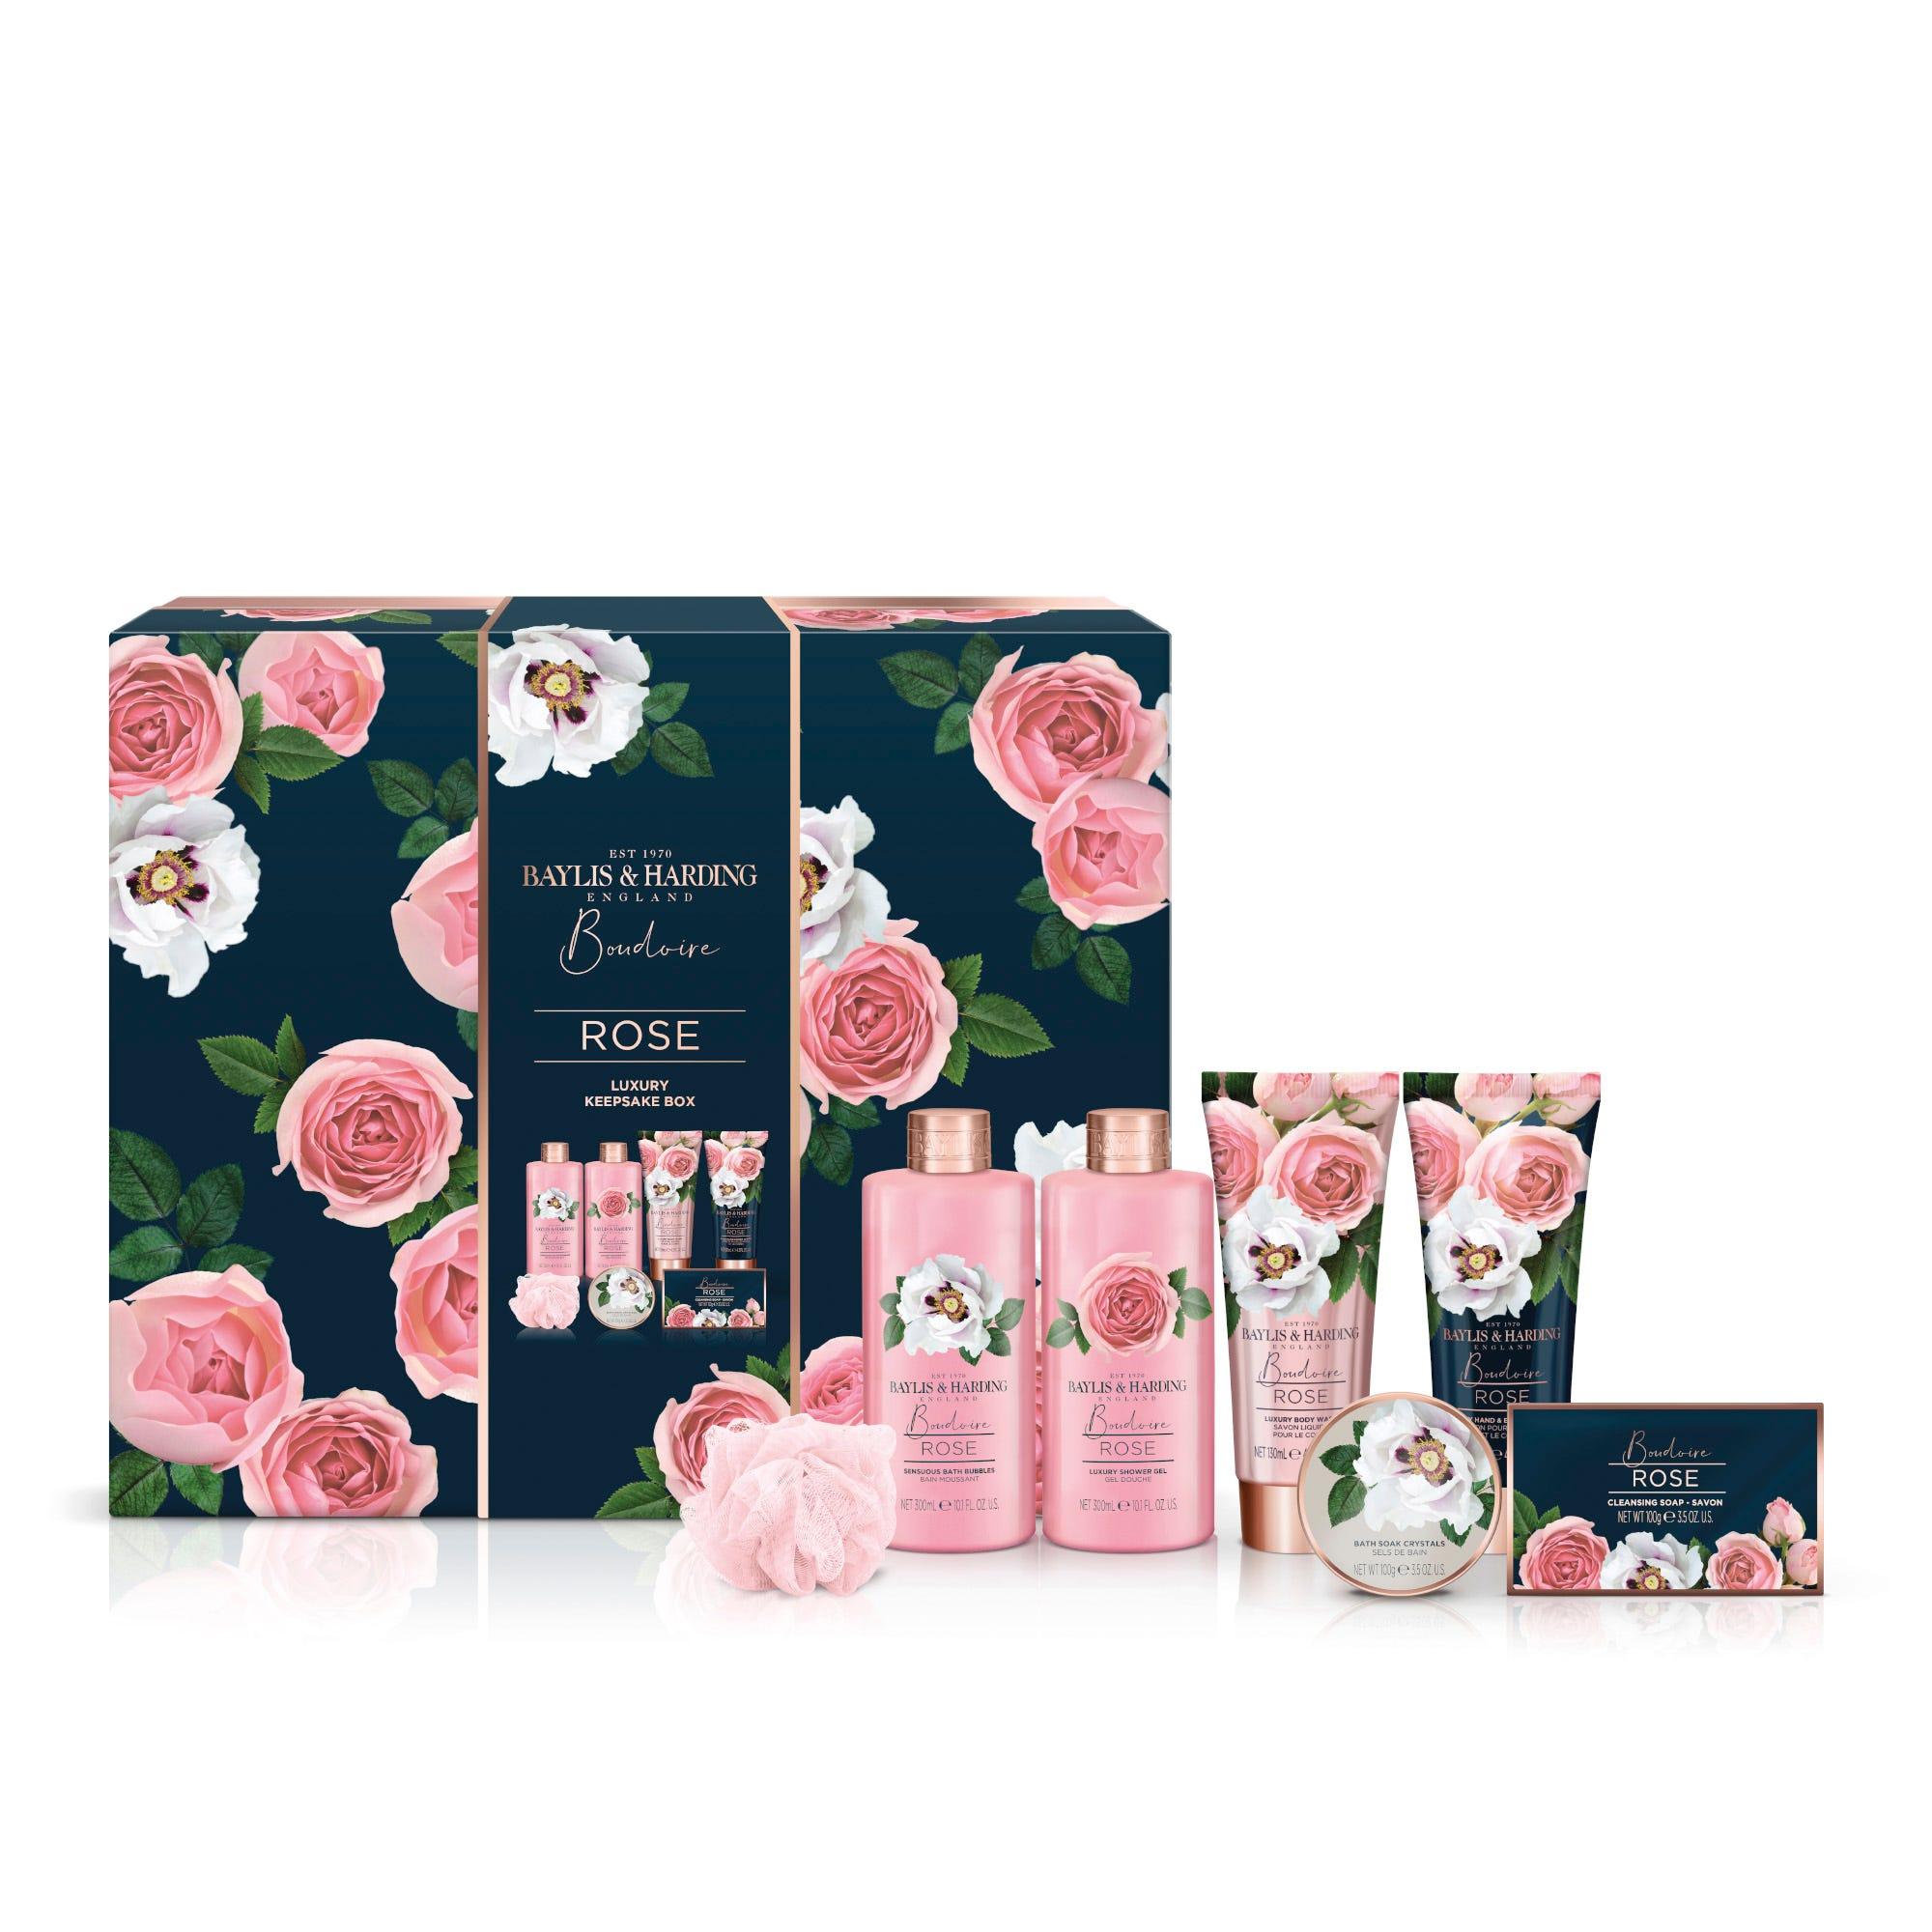 Set de cuidado de la piel Baylis & Harding aroma rosas, 7 piezas